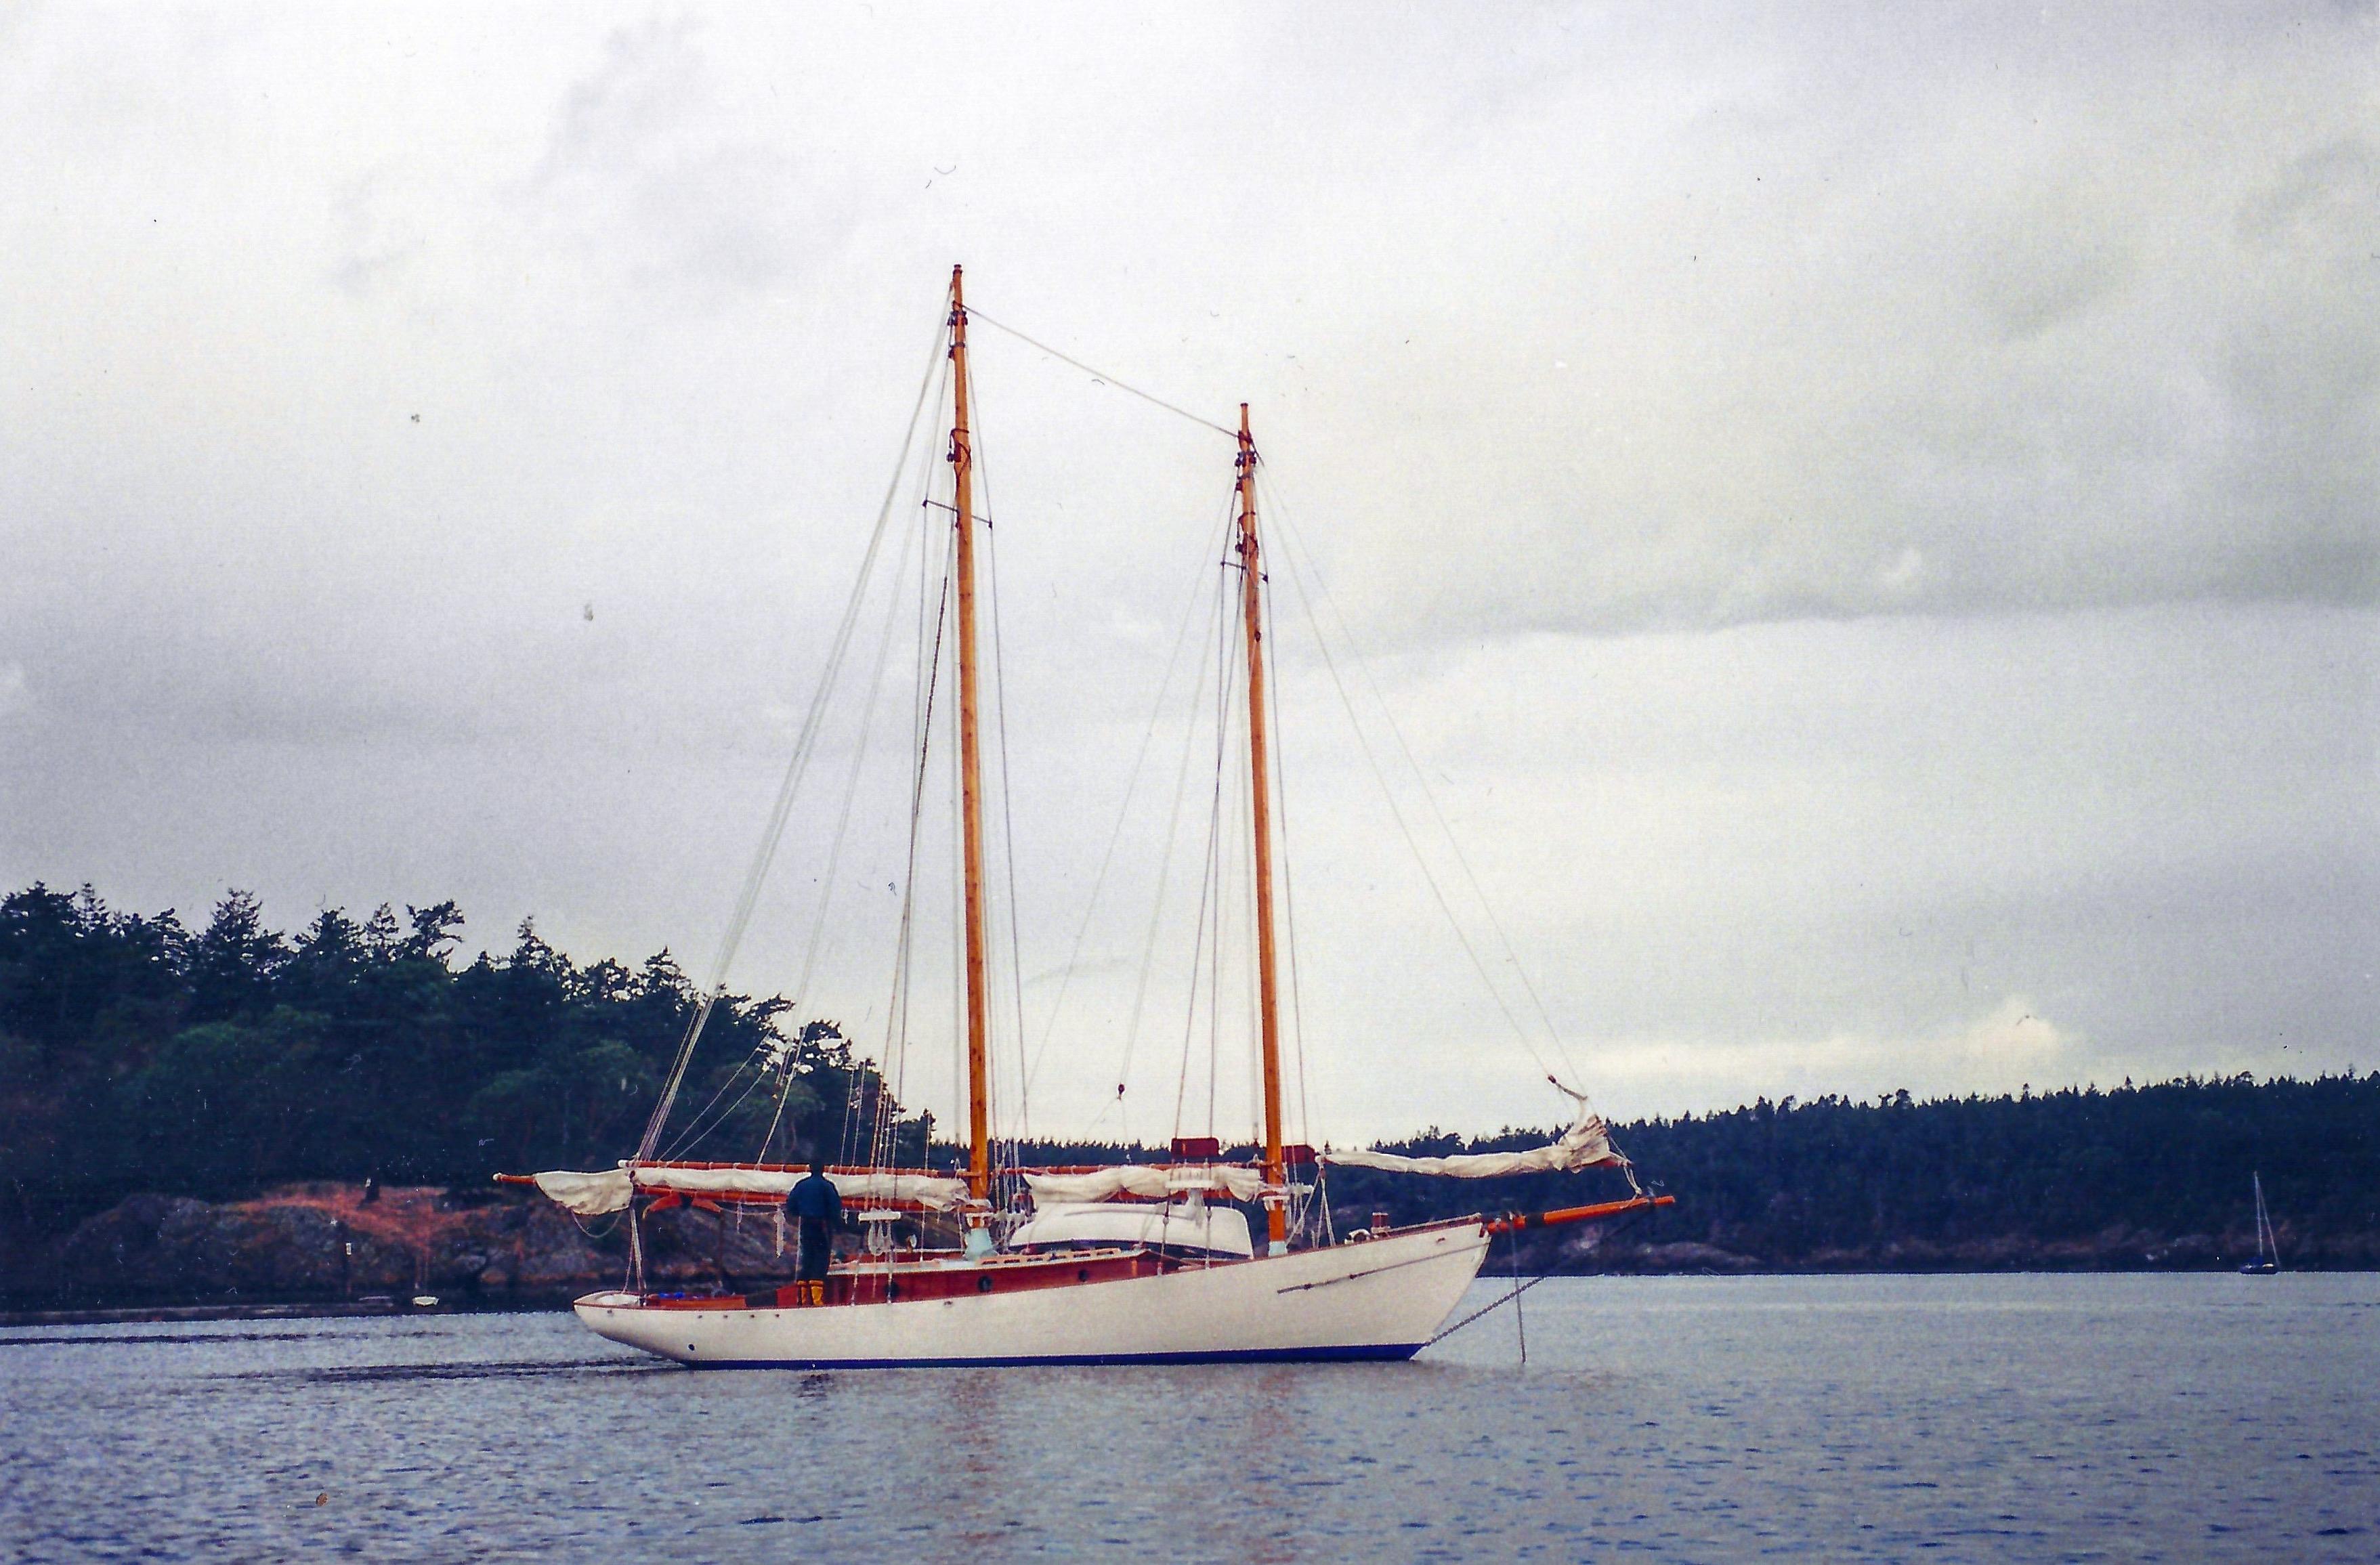 In the San Juan Islands